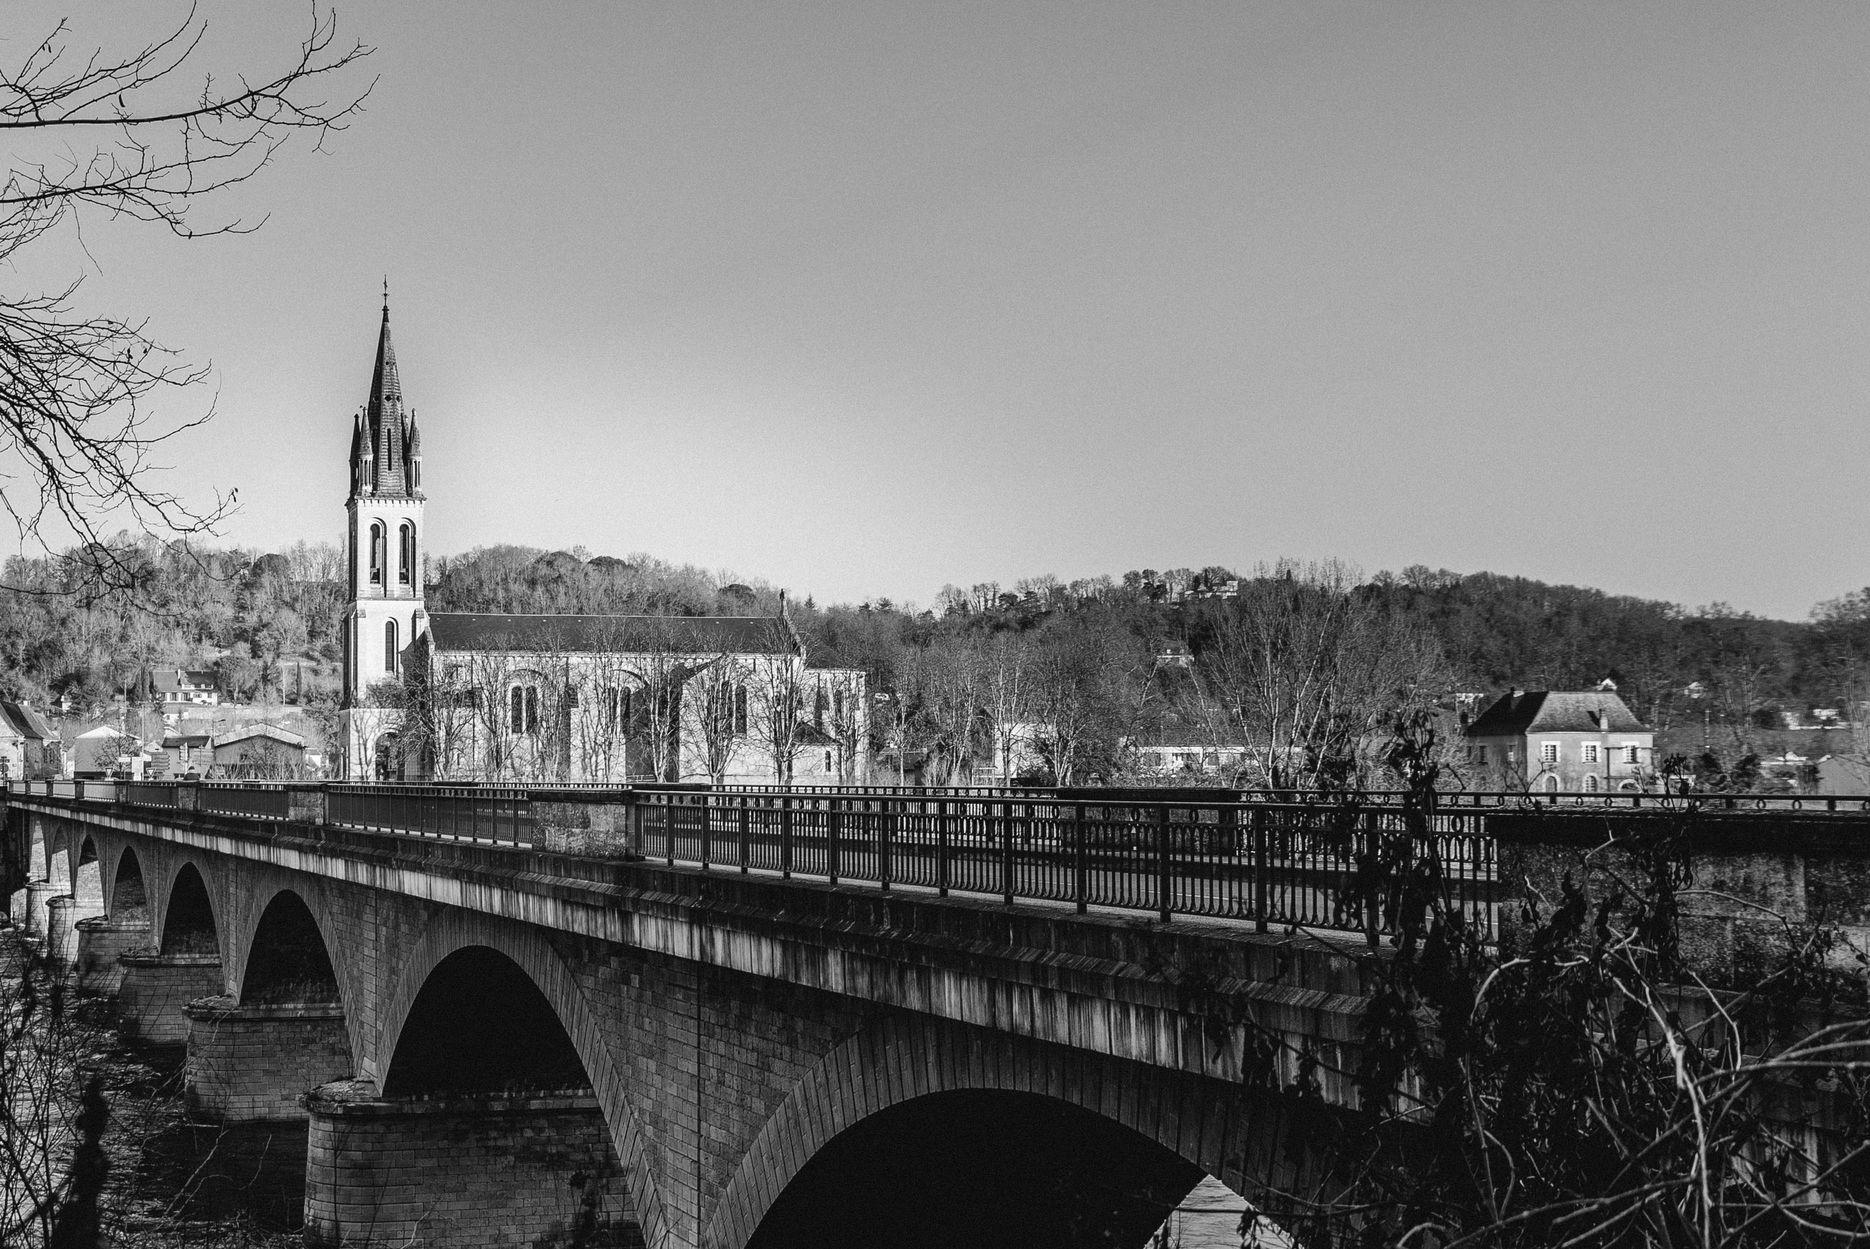 Petit_2_Vue de l_autre côté de la Dordogne.jpg